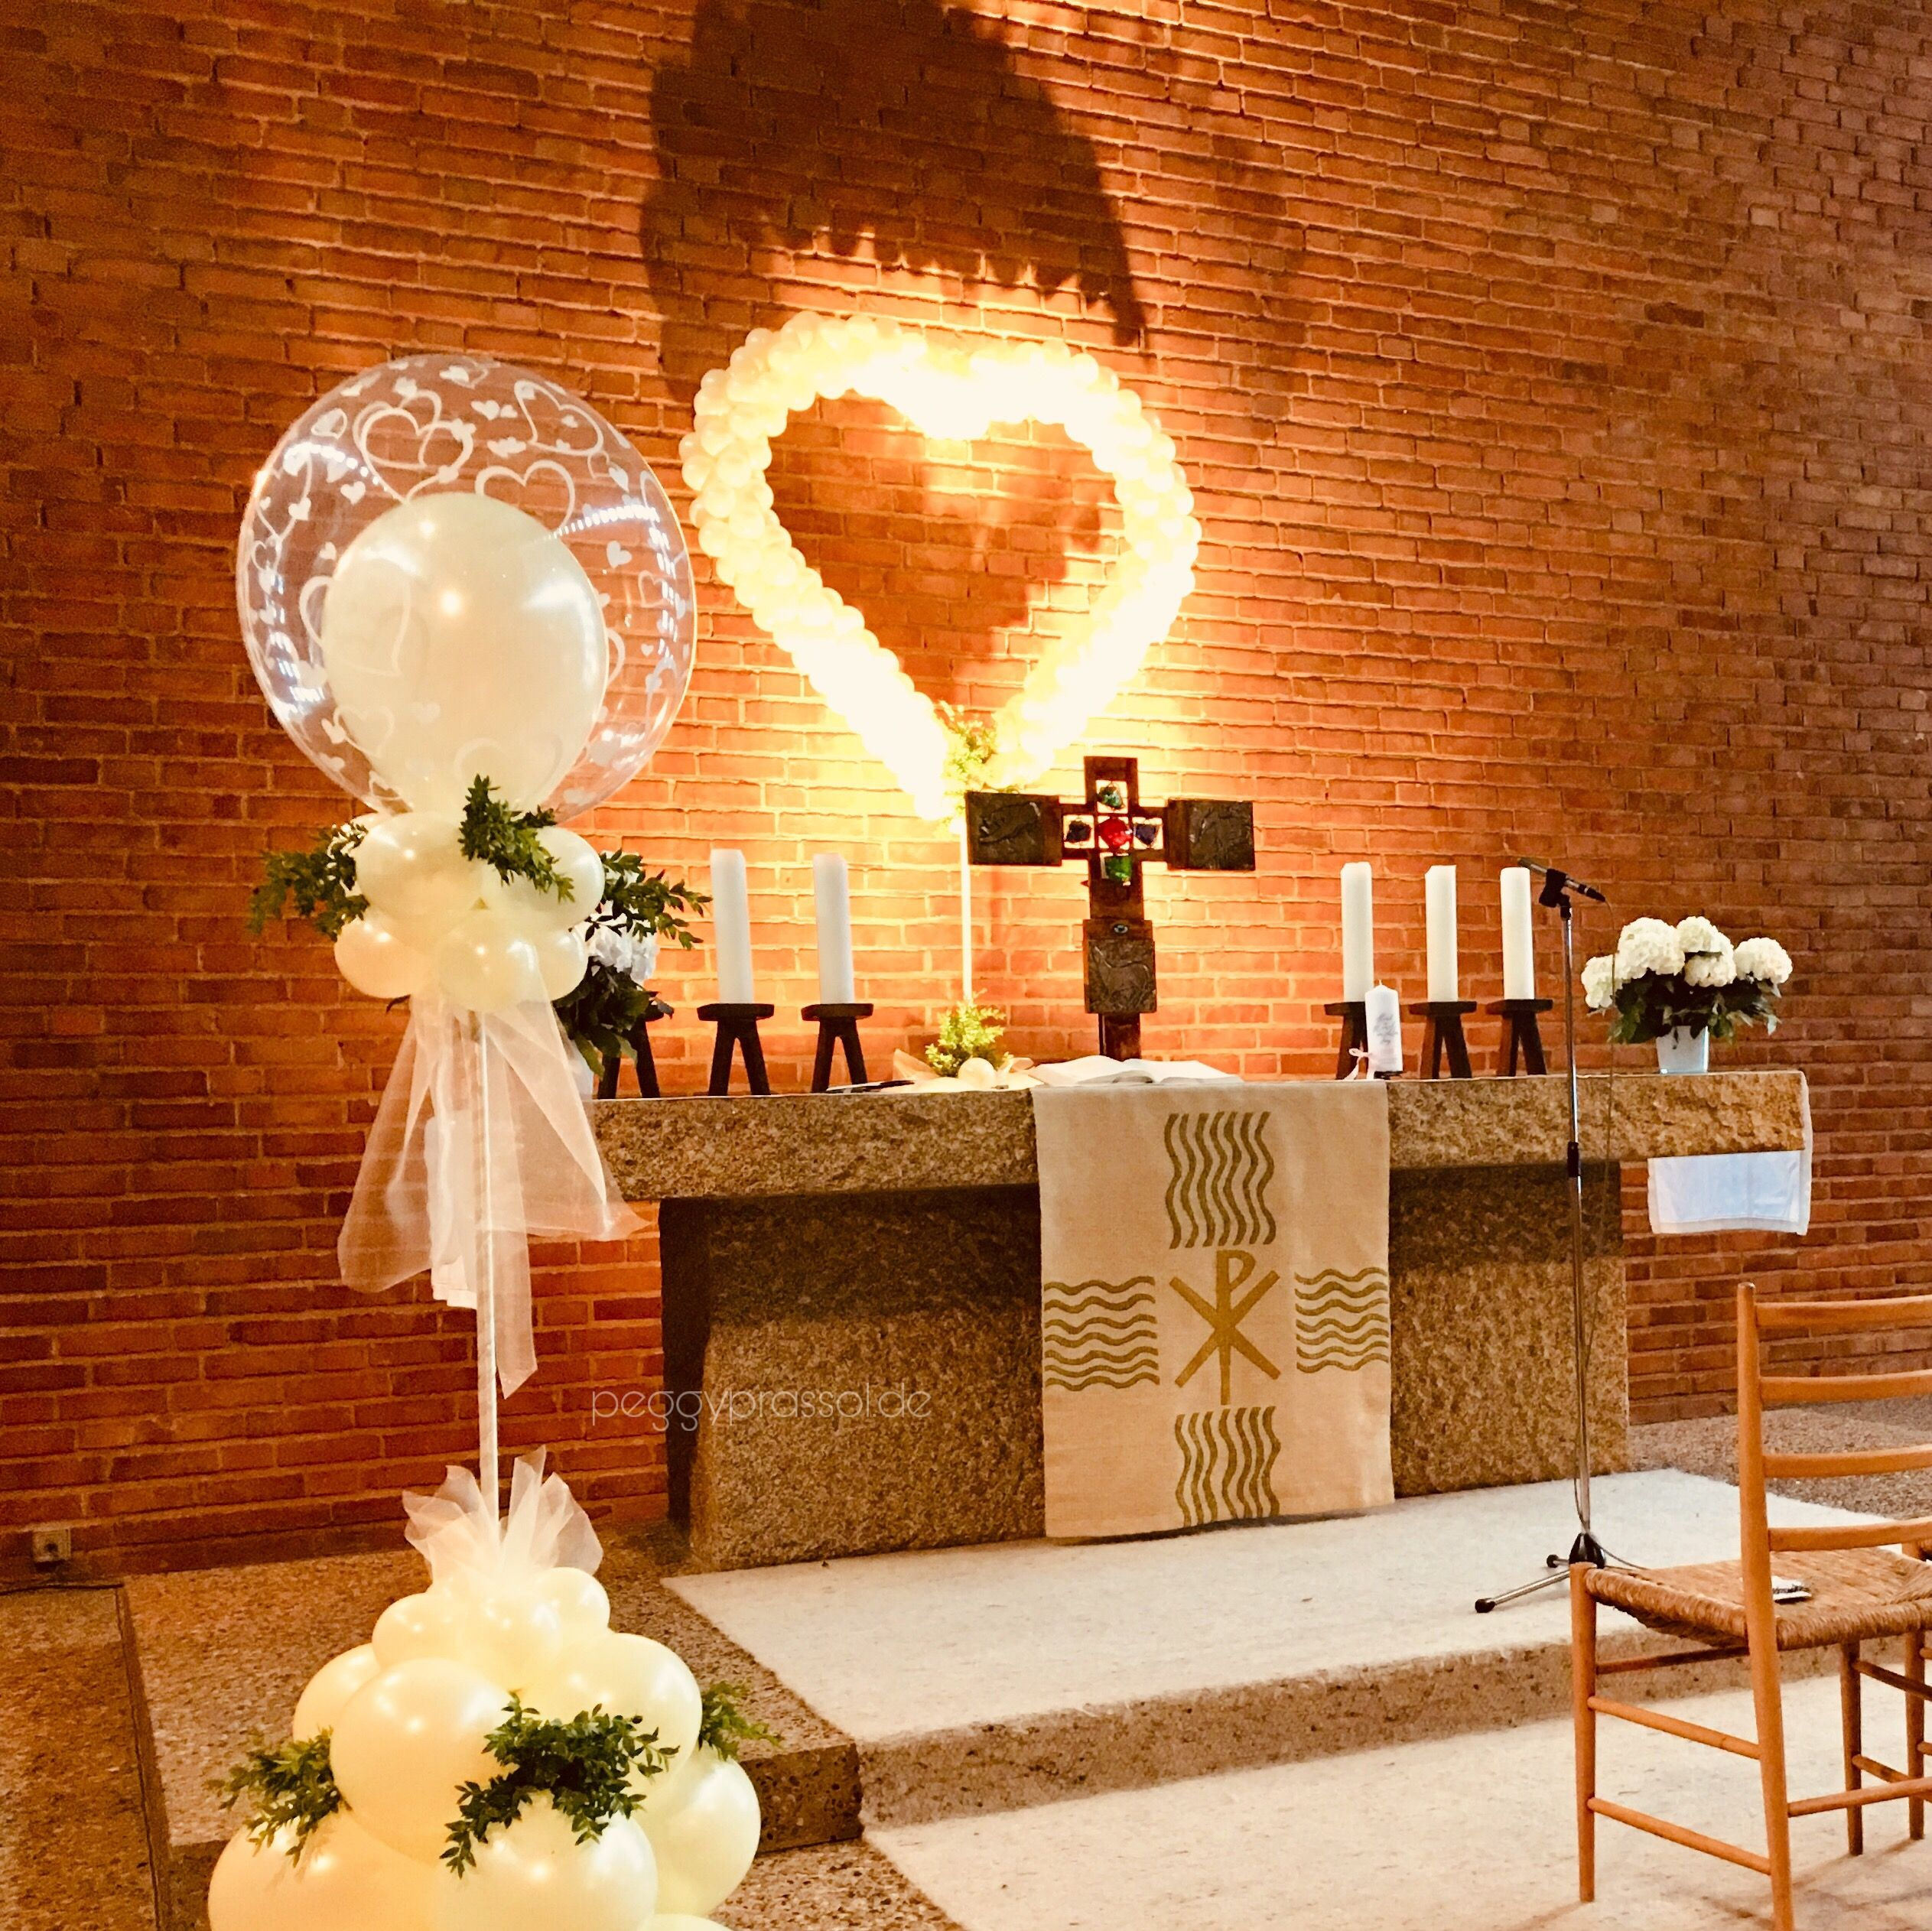 Ballondekoration Zur Kirchlichen Trauung Hochzeitsgottesdienst Hochzeit Just Married Kirchendeko I Ballon Dekoration Kirchliche Trauung Hochzeit Deko